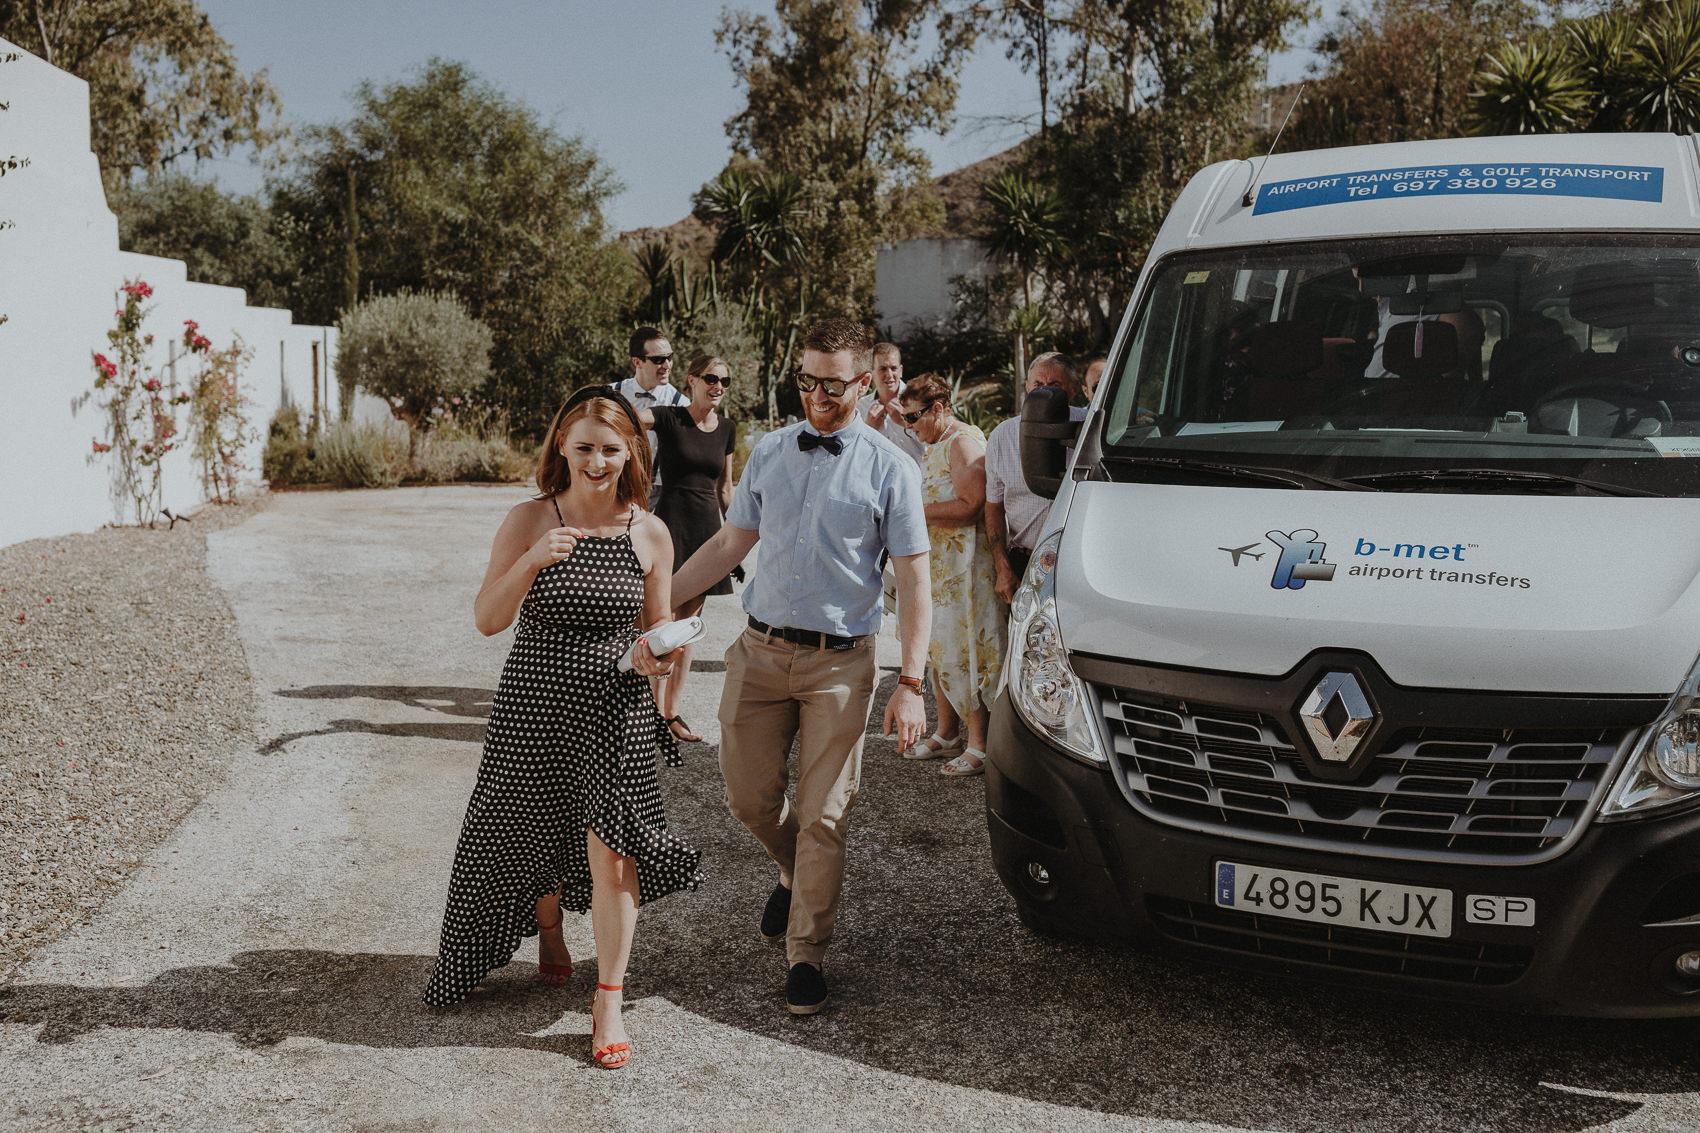 Sarah & Bill | Summer wedding at Cortijo Rosa Blanca | Marbella - Spain 59